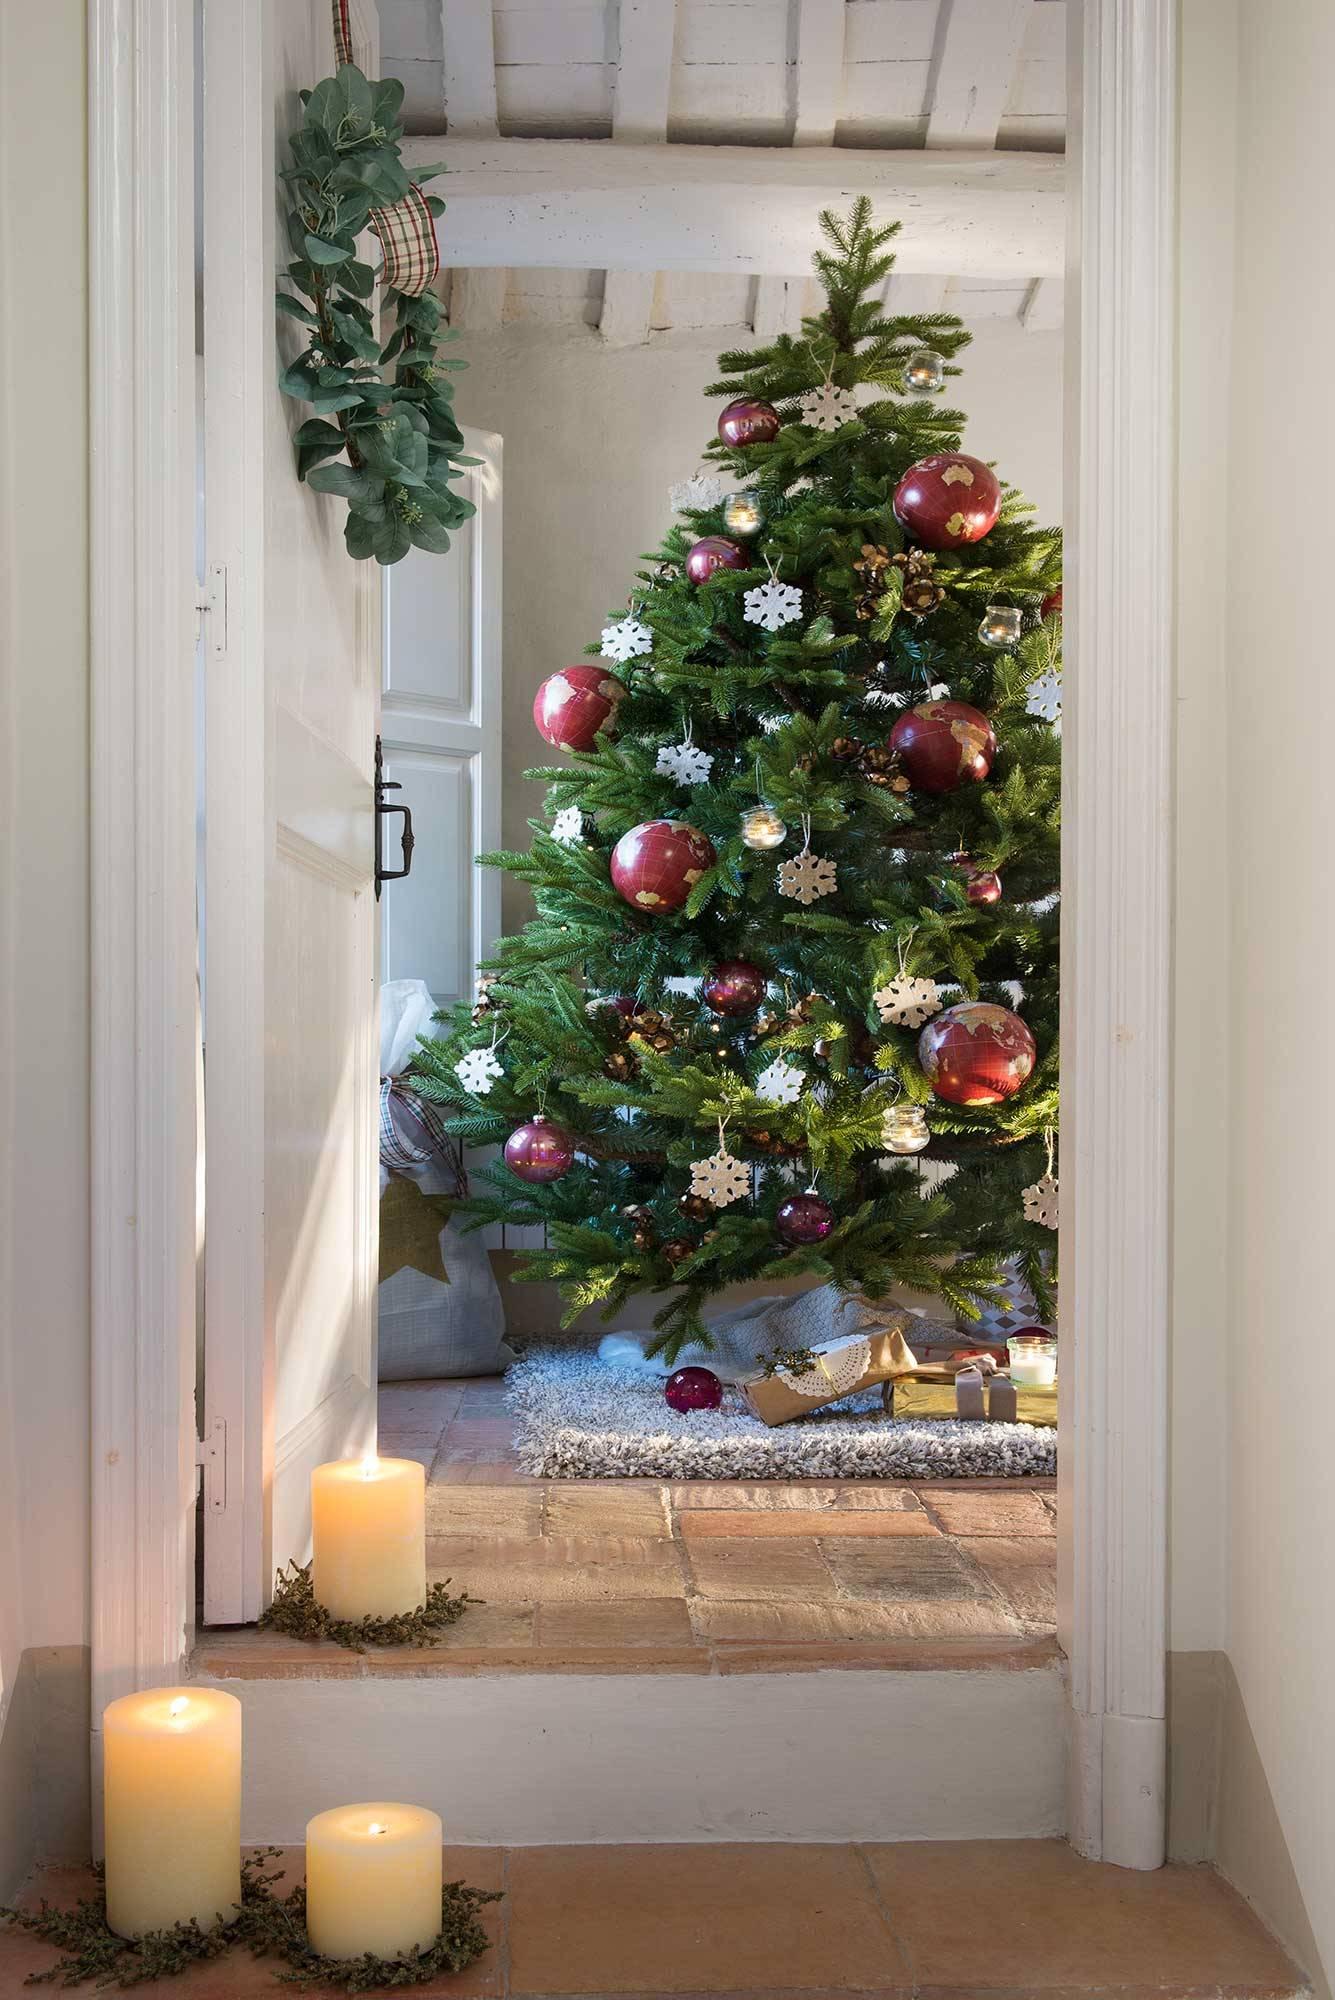 28 mejores imágenes de Navidad | Calzas, Articulos